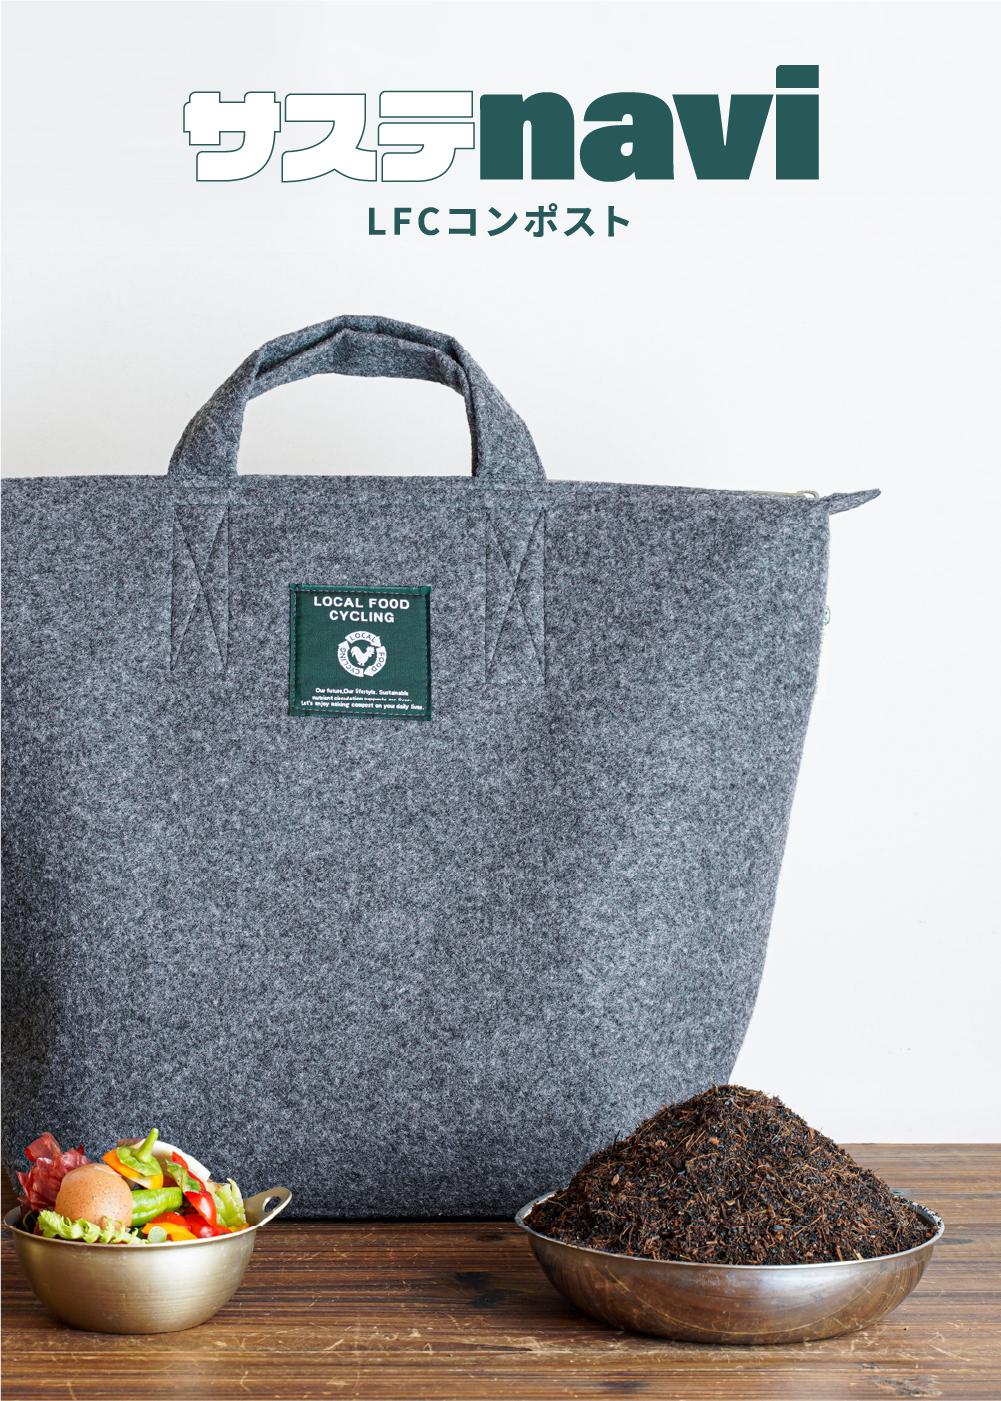 毎日の生ごみが堆肥に変わる。新しい都市型コンポスト「LFCコンポスト」